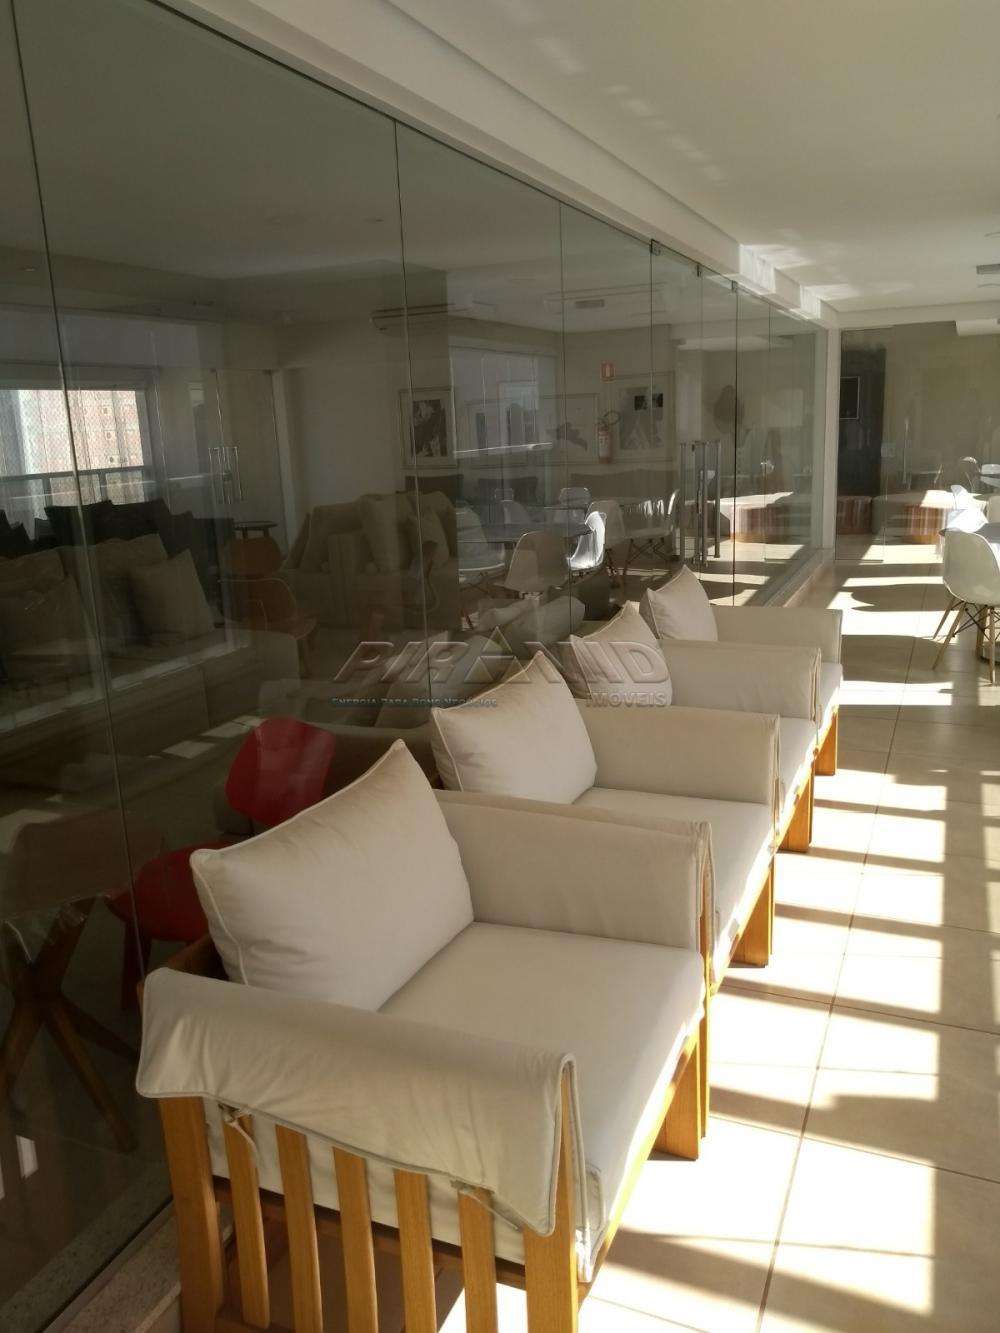 Alugar Apartamento / Padrão em Ribeirão Preto R$ 1.700,00 - Foto 80